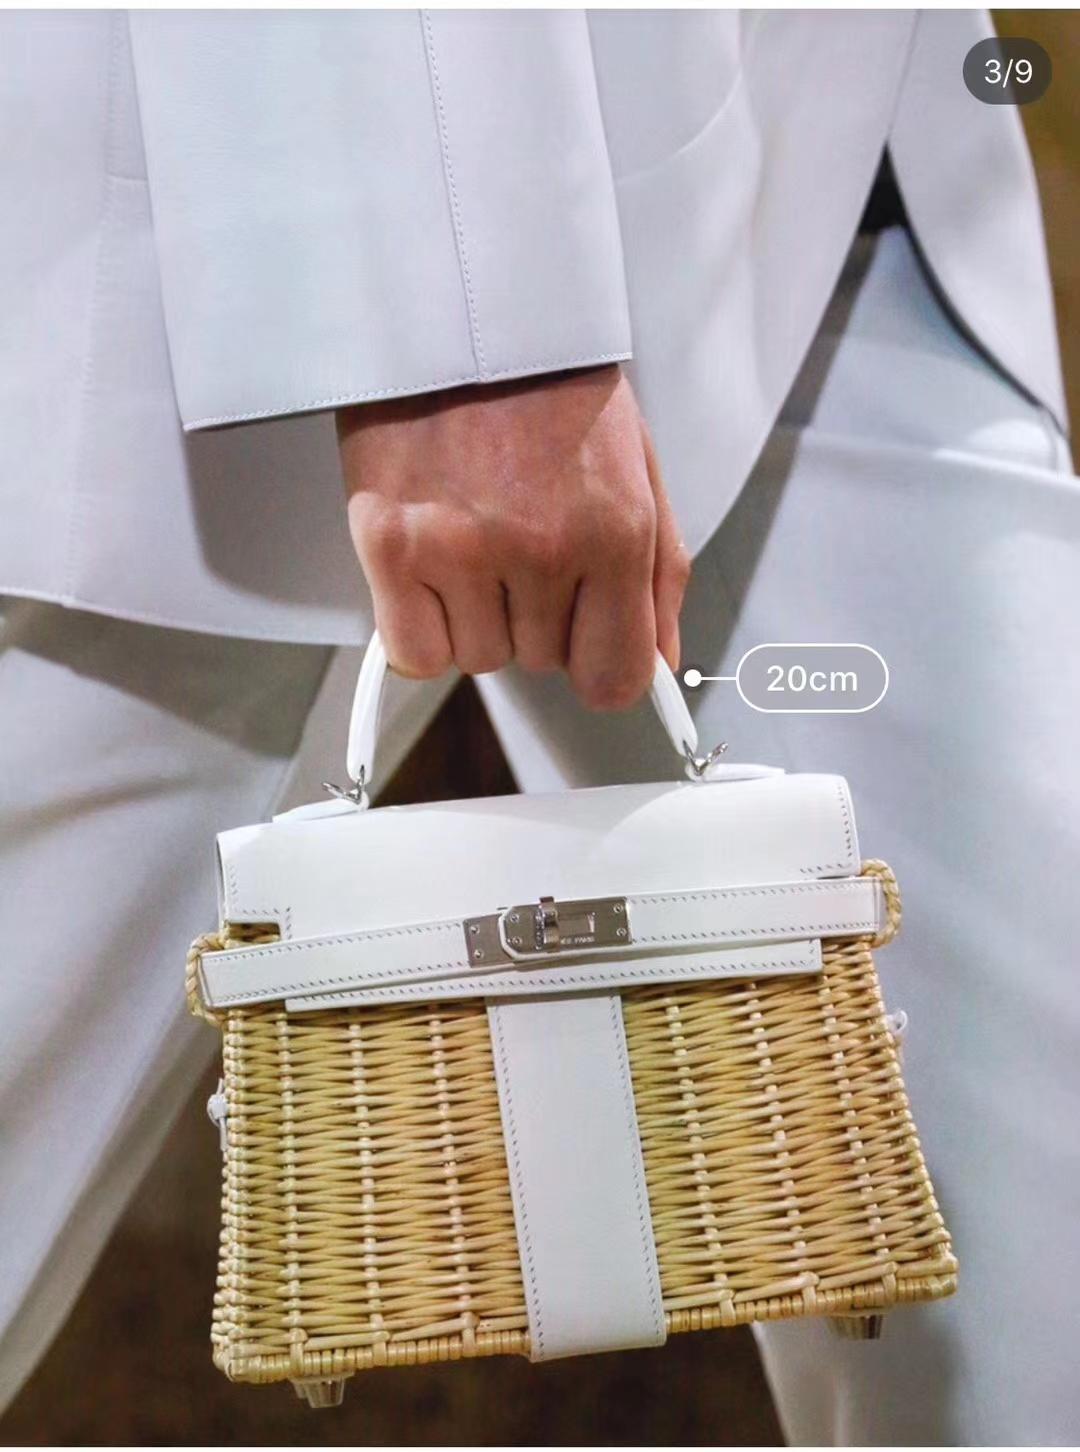 爱马仕中国官网 kelly picnic 20cm 小可爱 现货